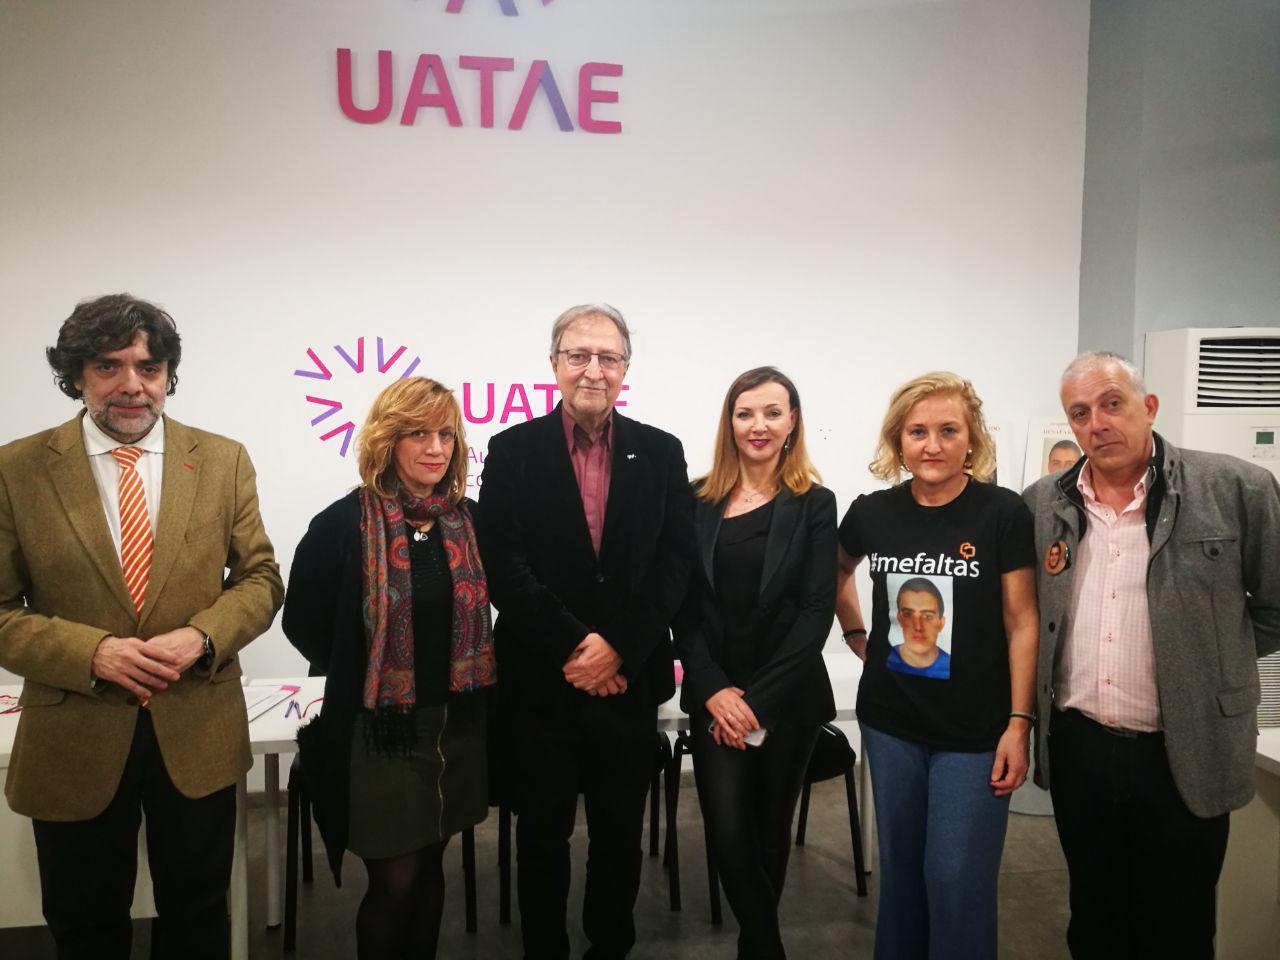 Autónomos y personas desaparecidas UATAE Paco Lobatón